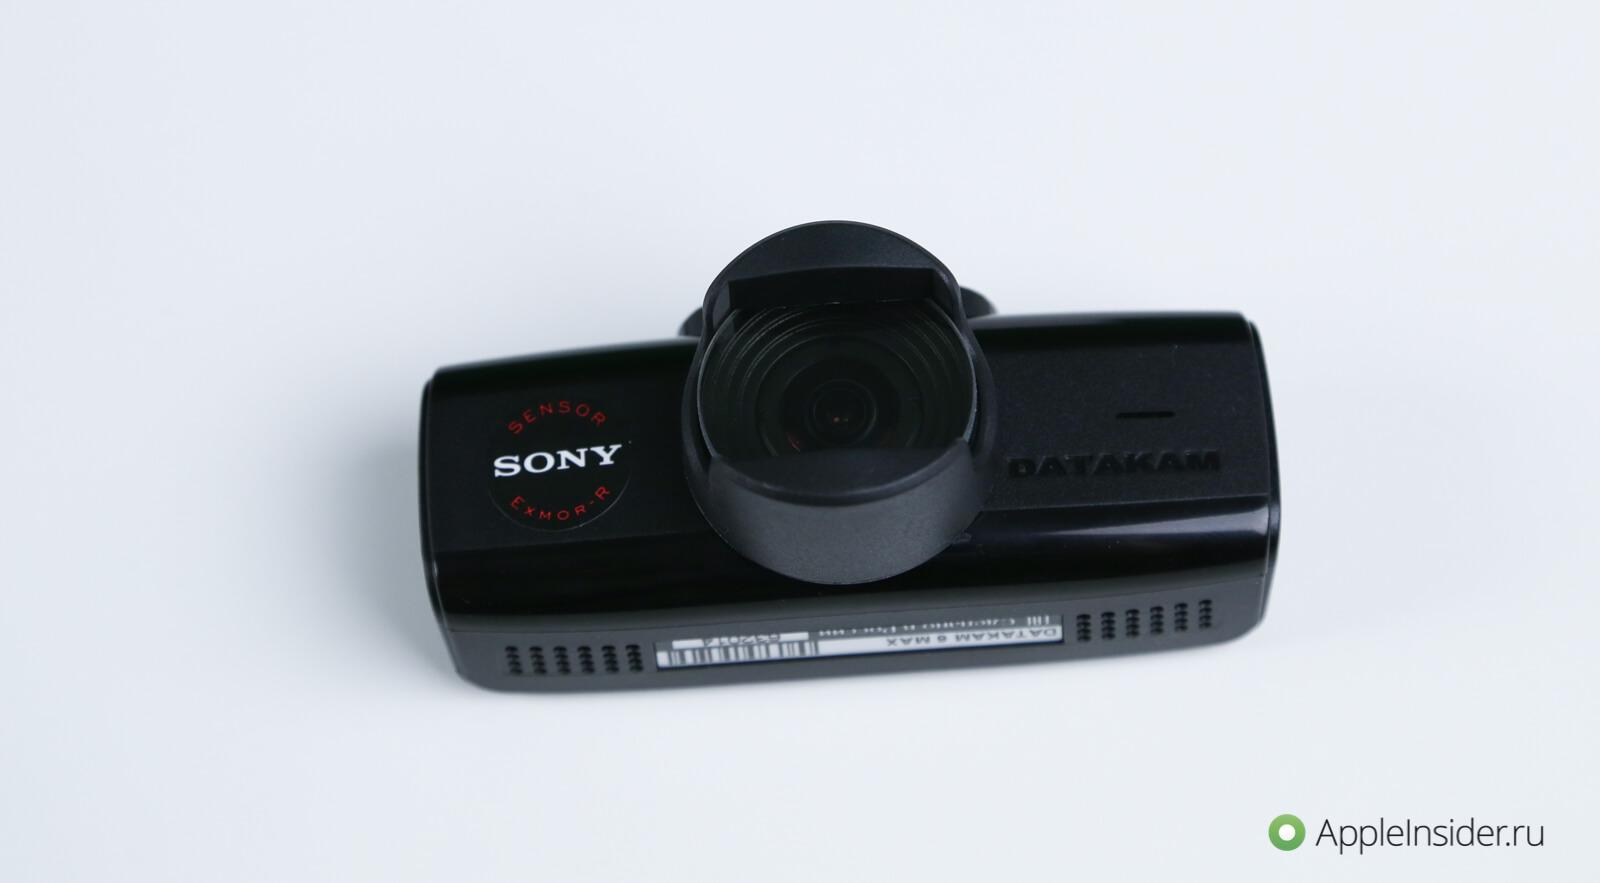 Datacam